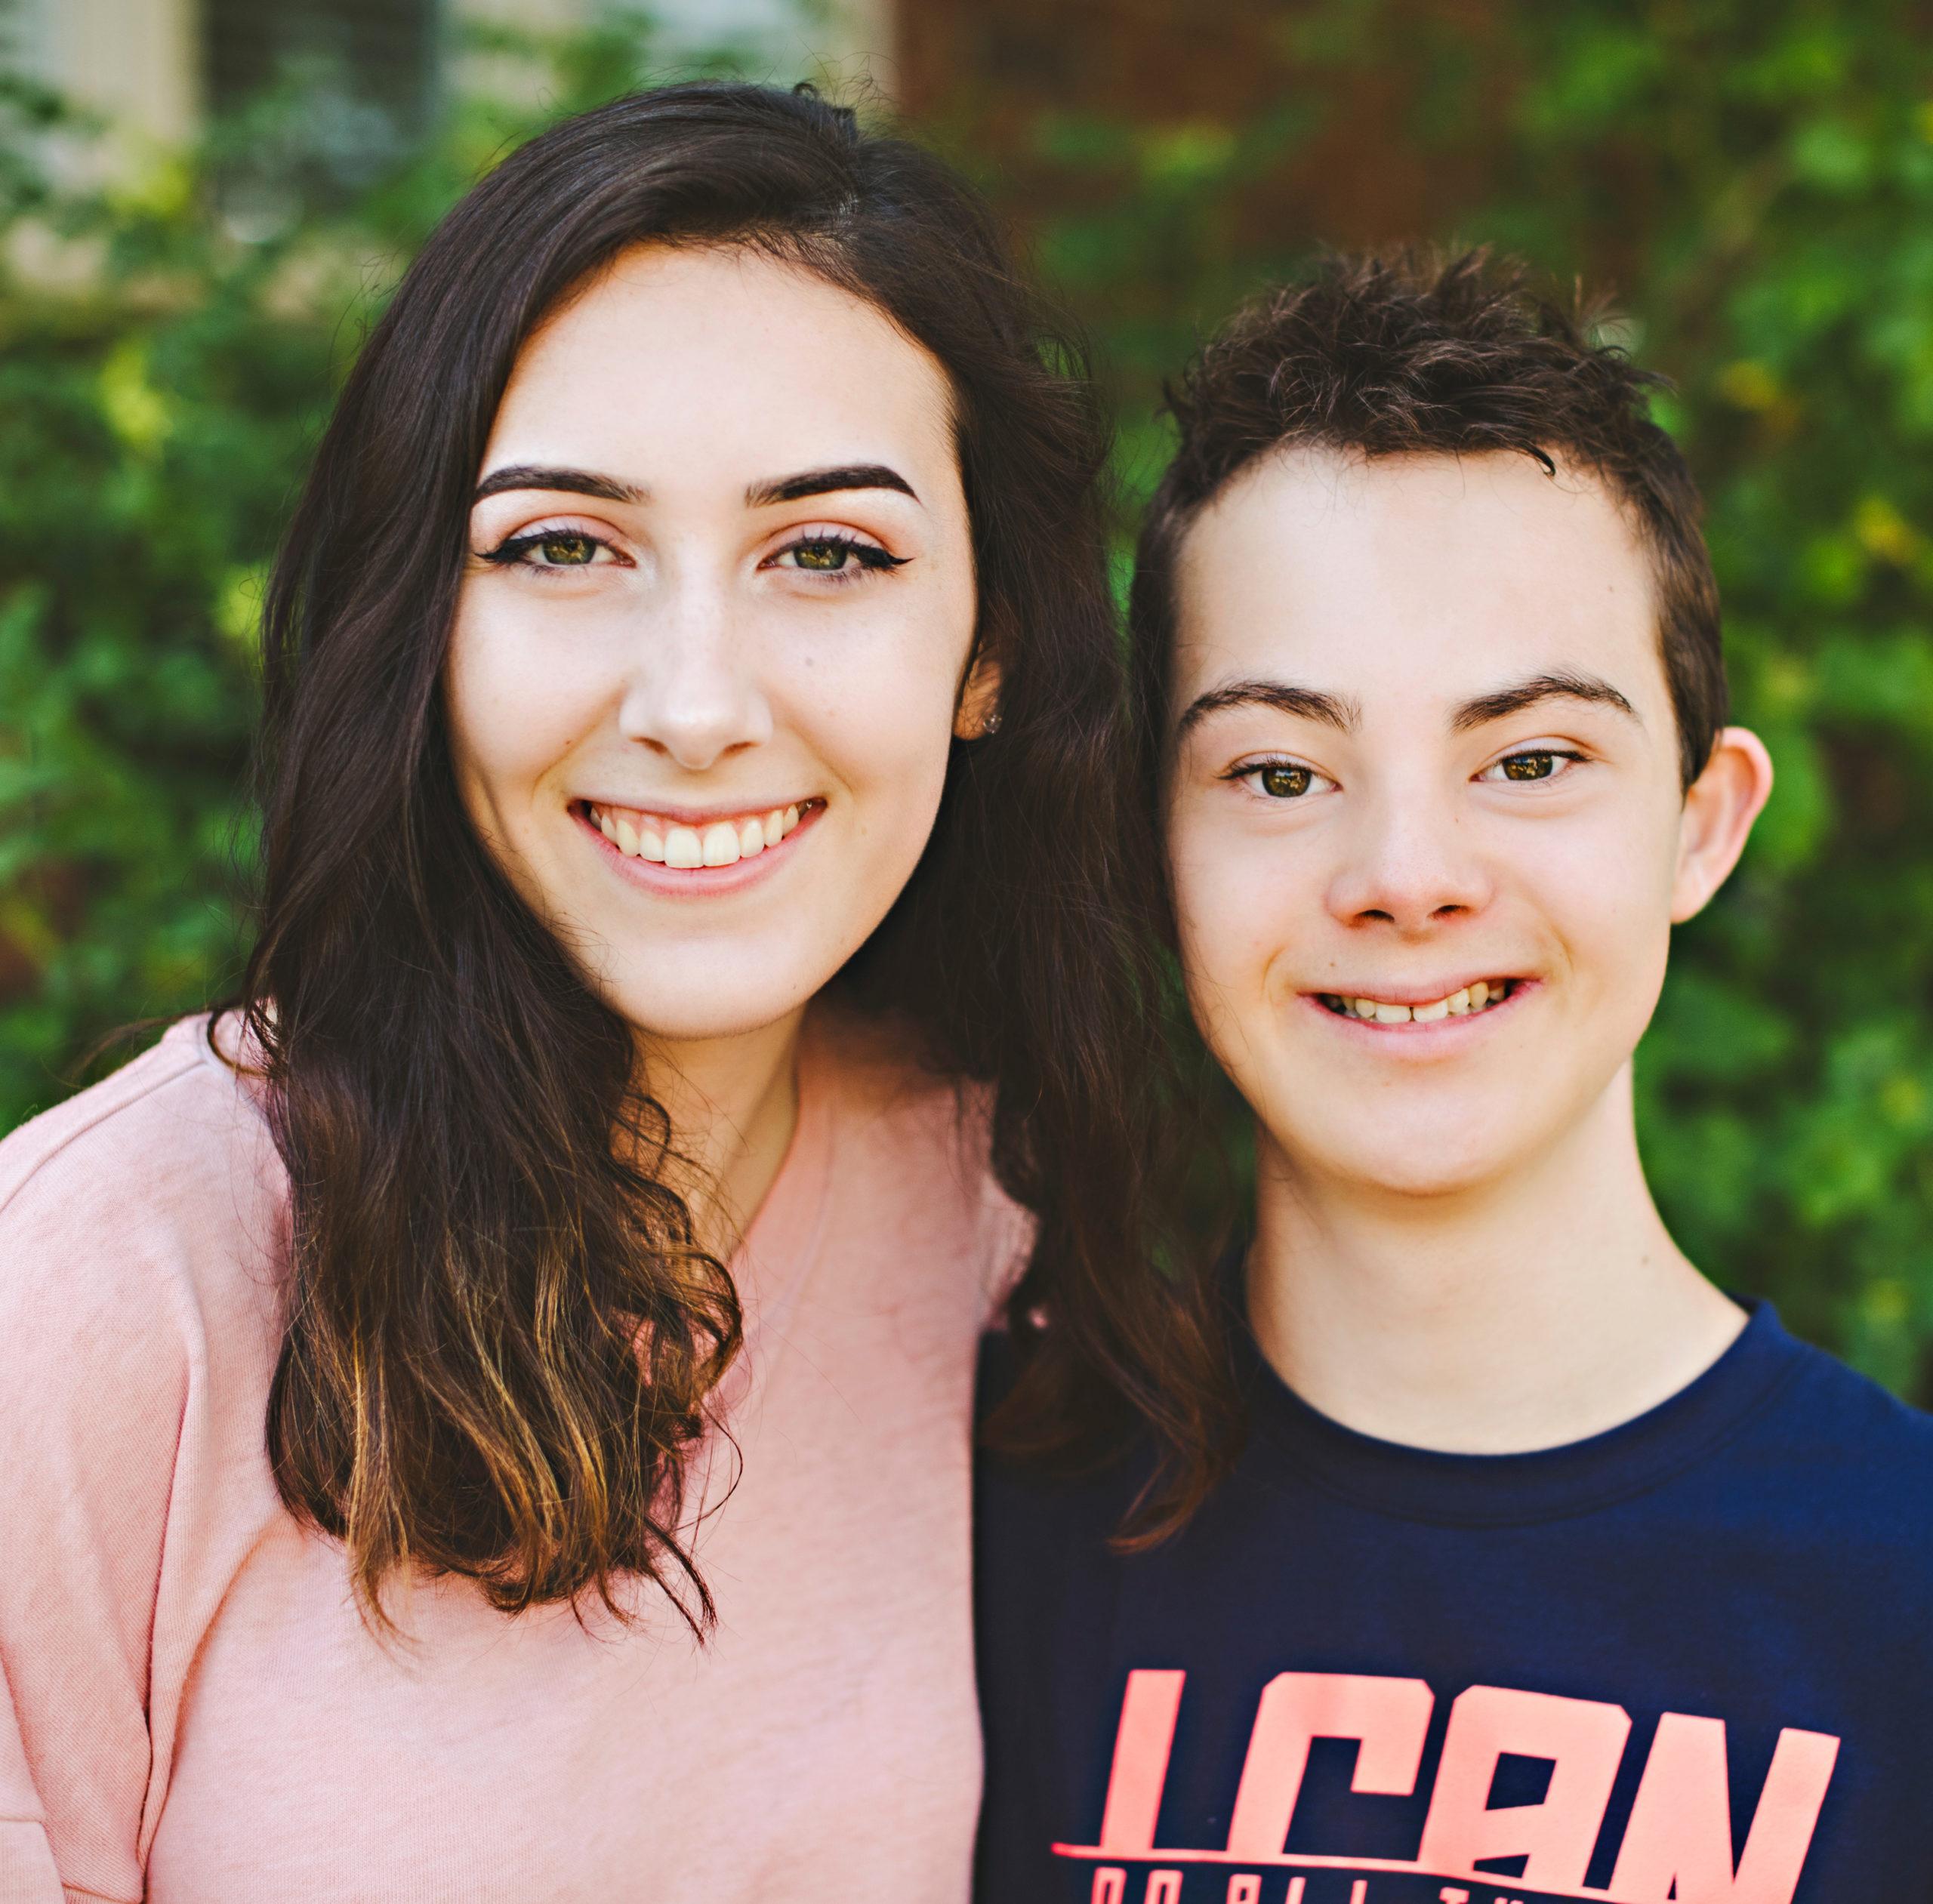 teenager and mom